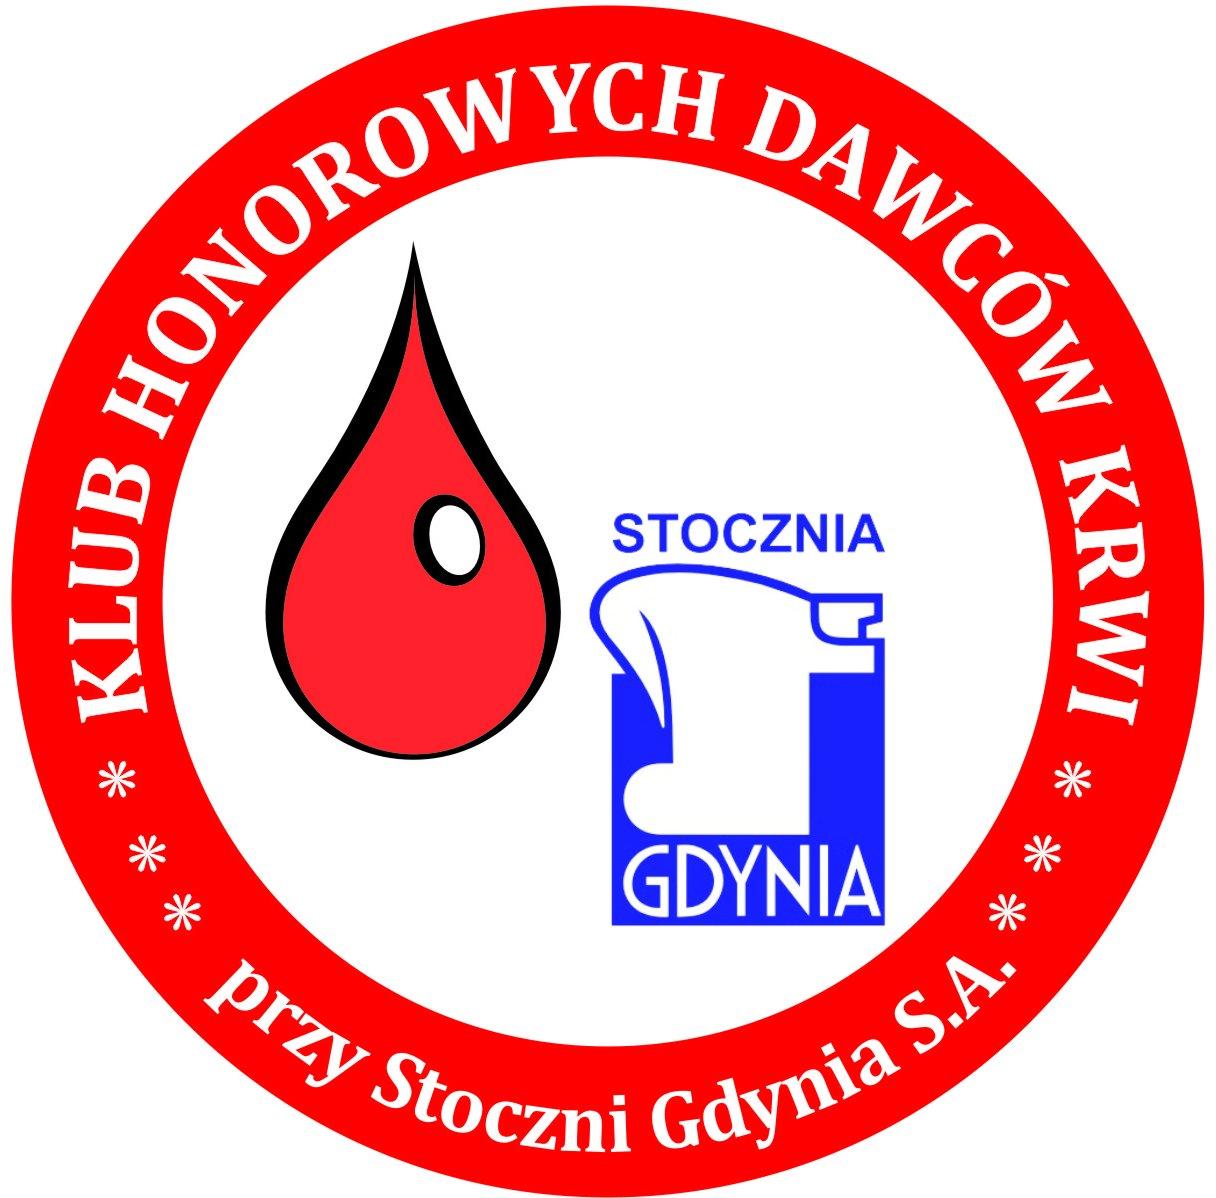 Stoczniowy Klub HDK przy Gdynia S.A.